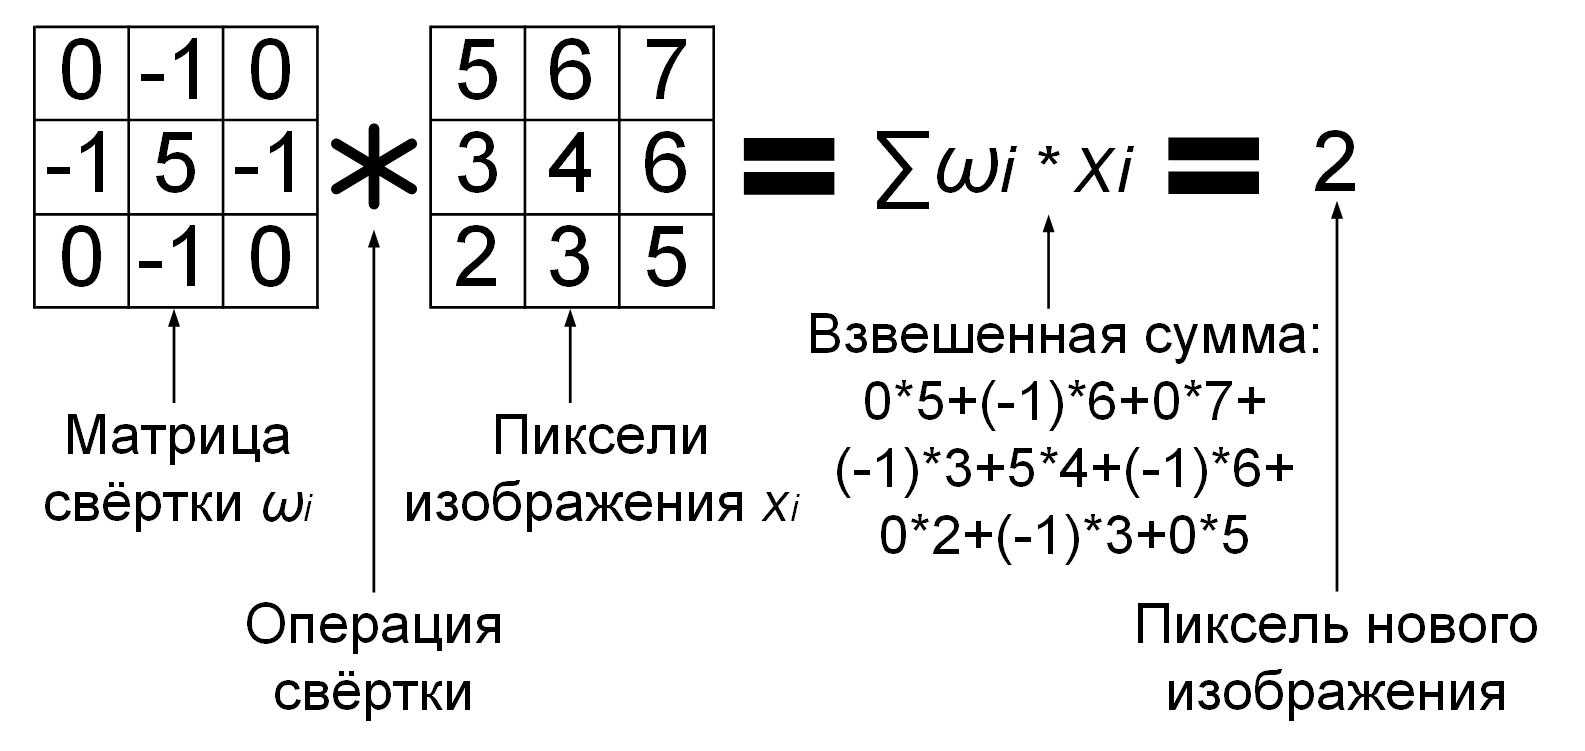 Операция свёртки для одного пикселя нового изображения с нулевым порогом